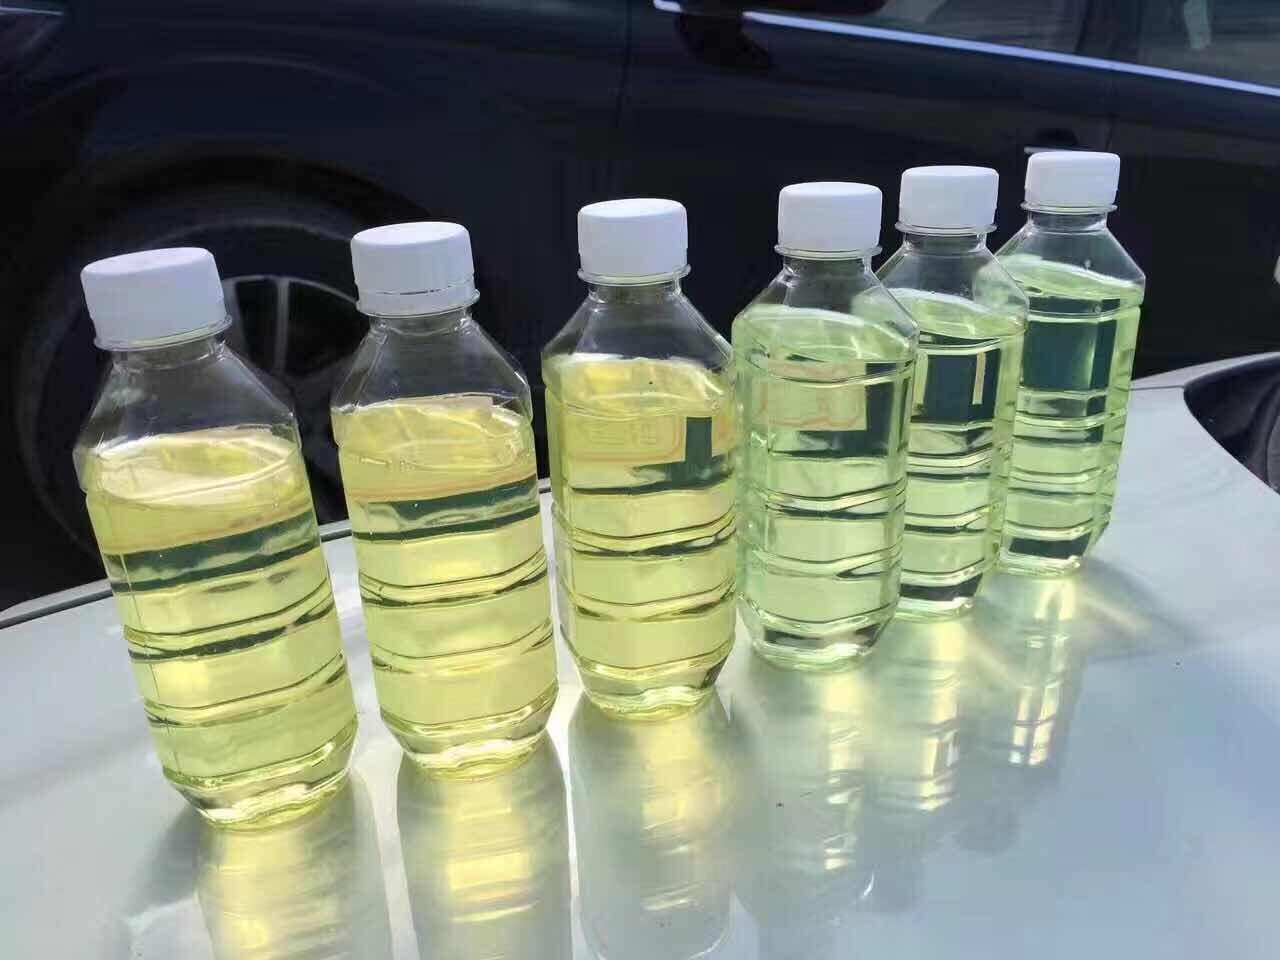 柴油的质国3柴油批发价量要求说明